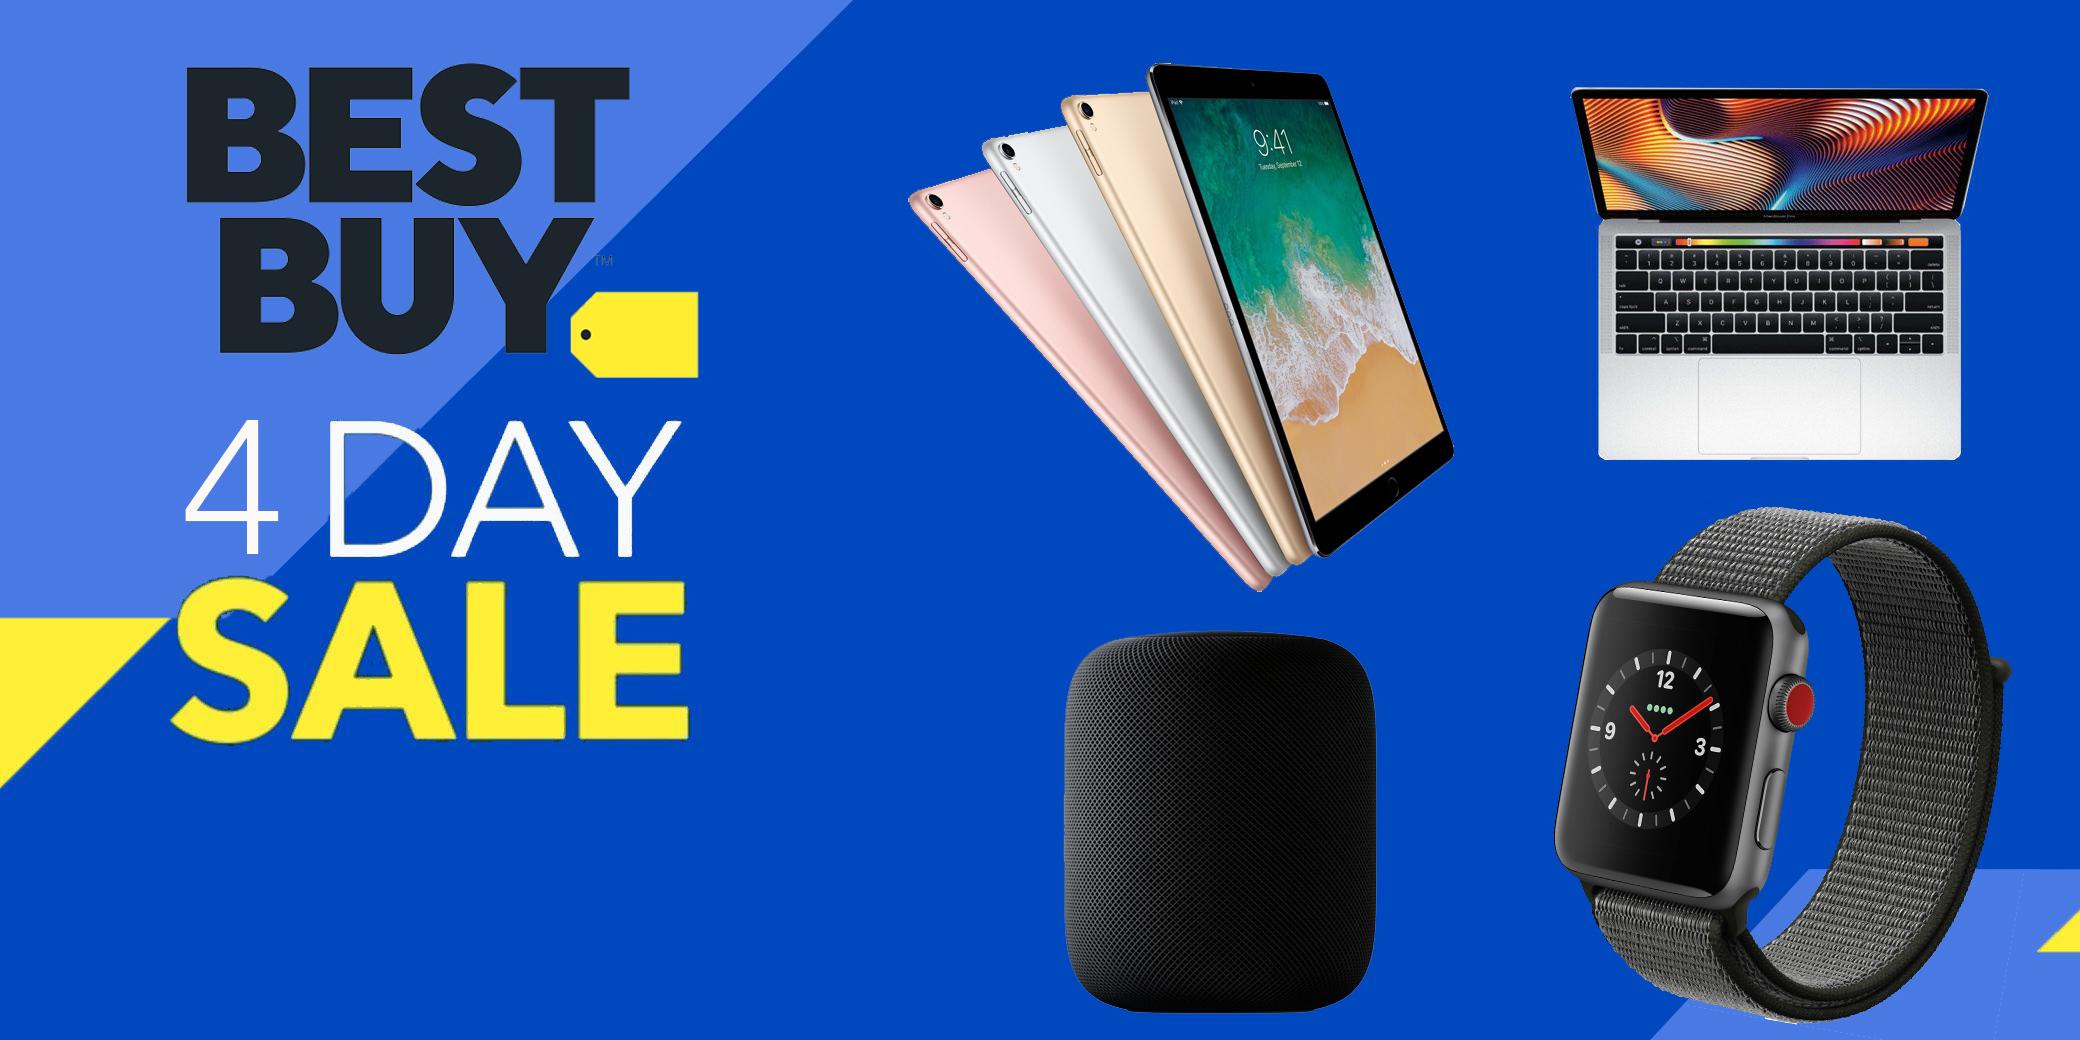 macbook pro 2018 best buy